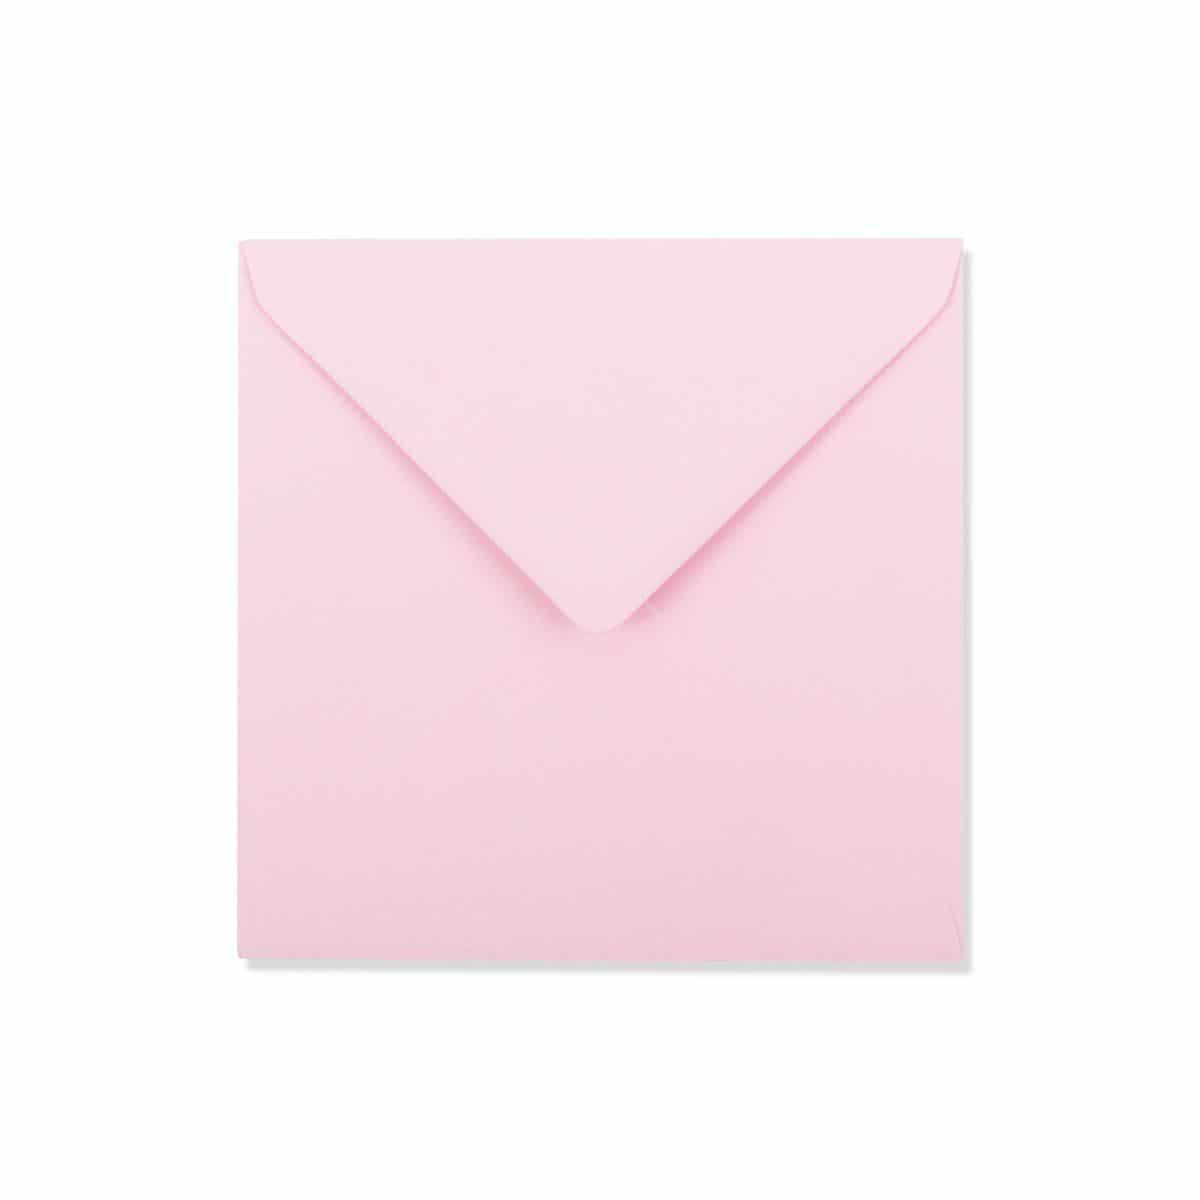 Baby roze enveloppen 15,5 x 15,5 cm